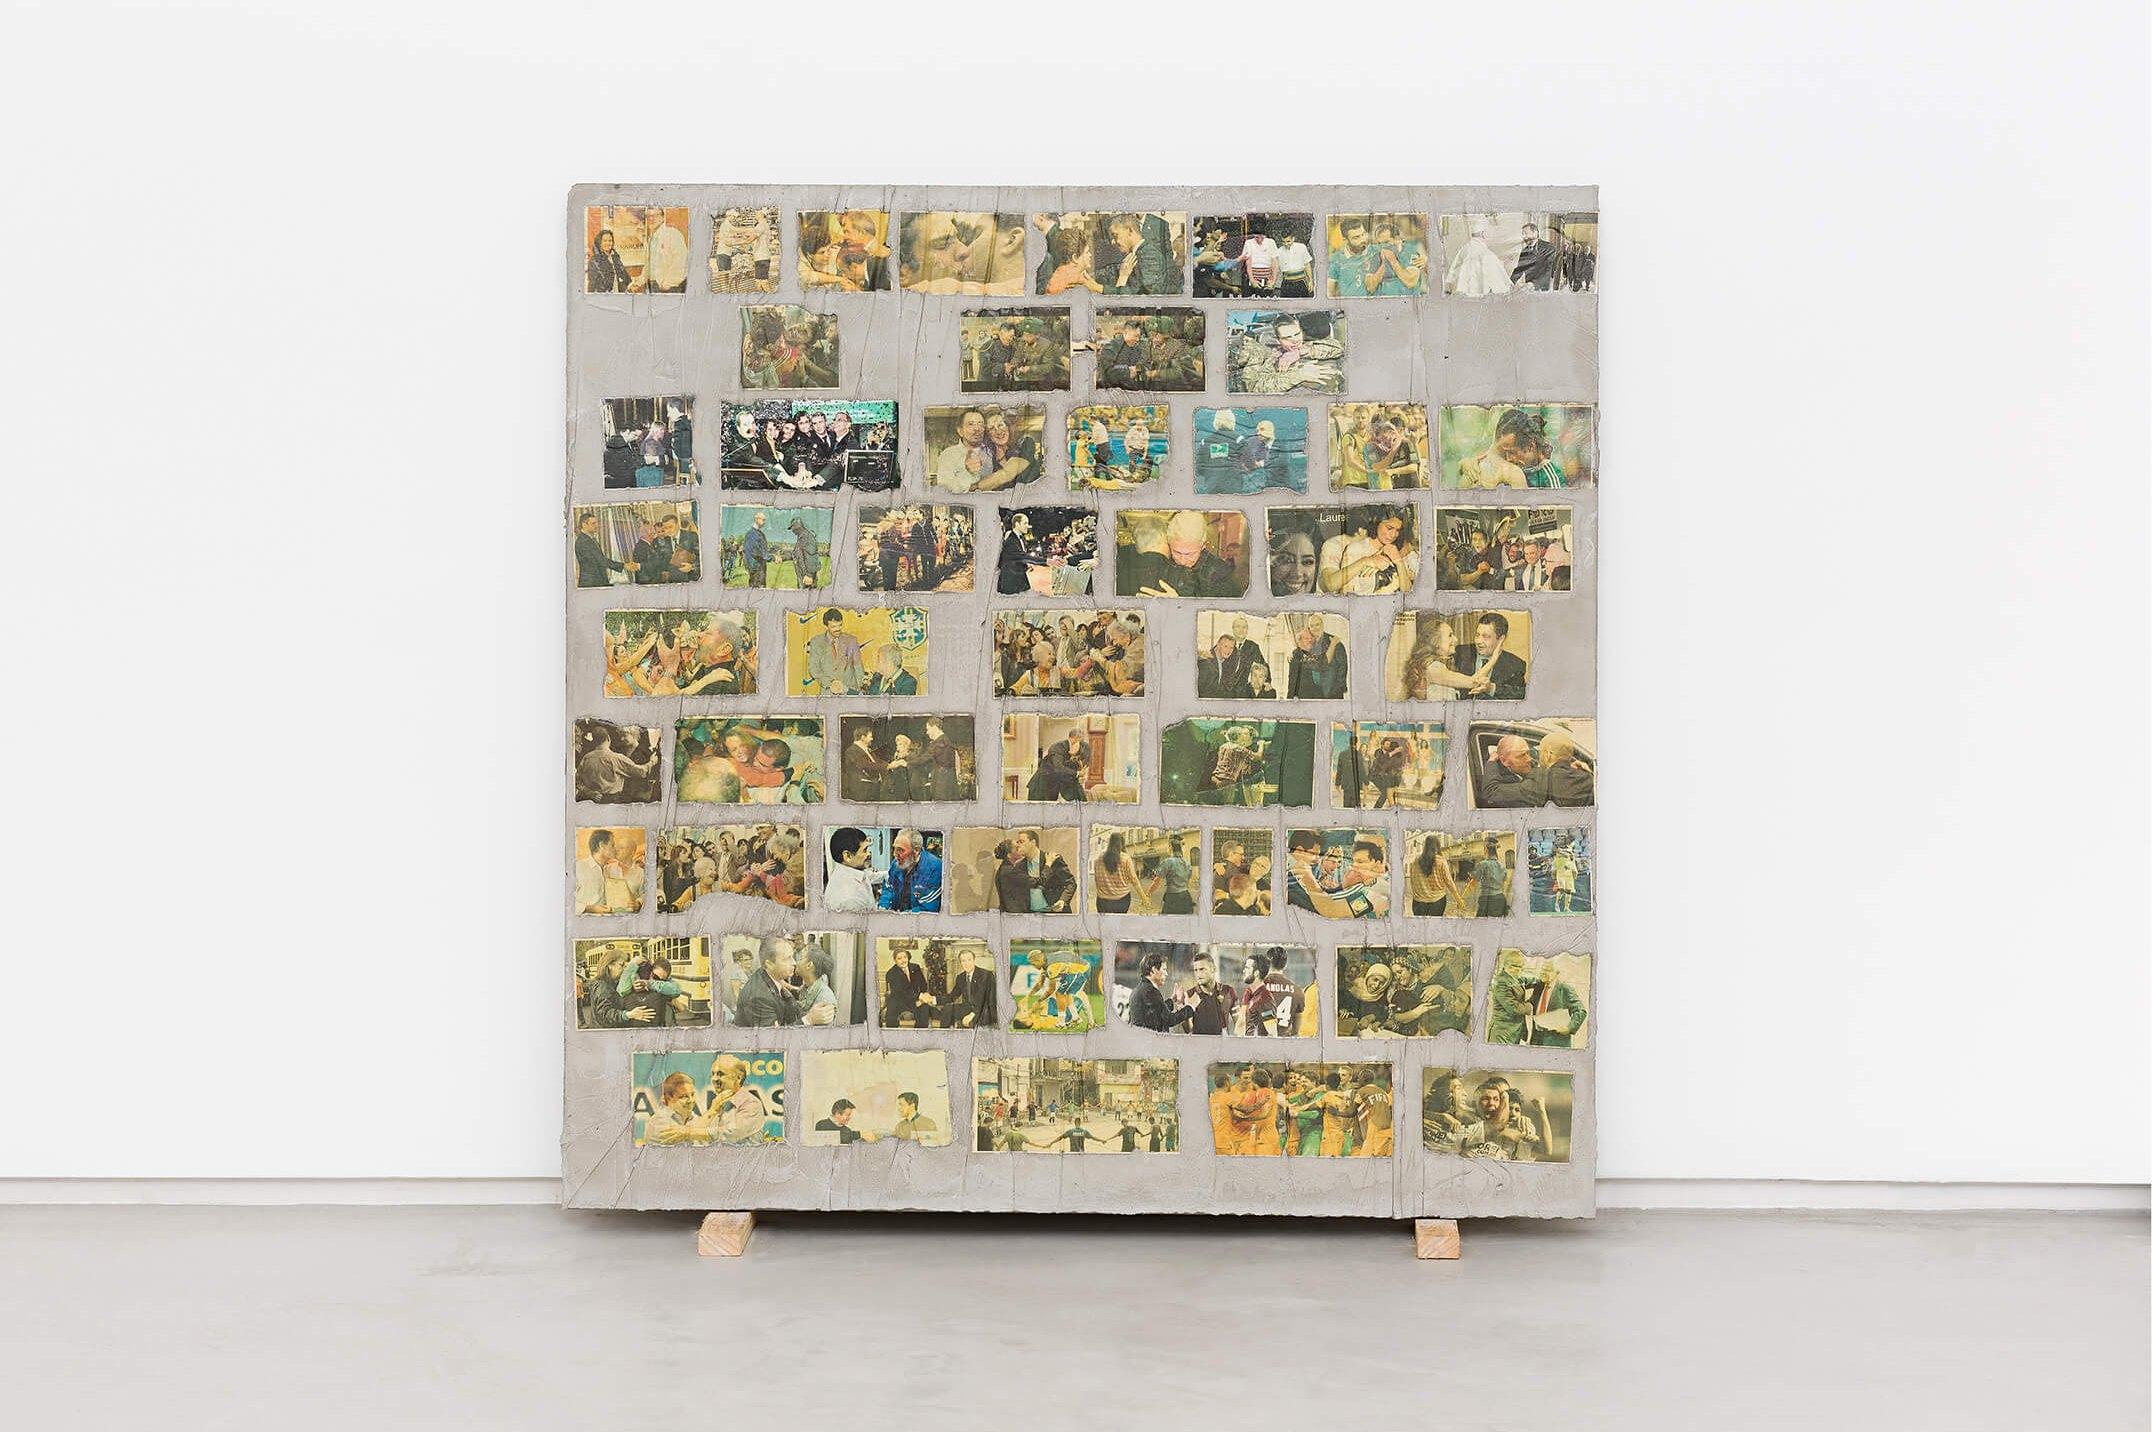 Matheus Rocha Pitta,&nbsp;<em>Décimo Quarto Acordo</em>, 2013,&nbsp;concrete and paper, 100 × 100 × 3 cm - Mendes Wood DM